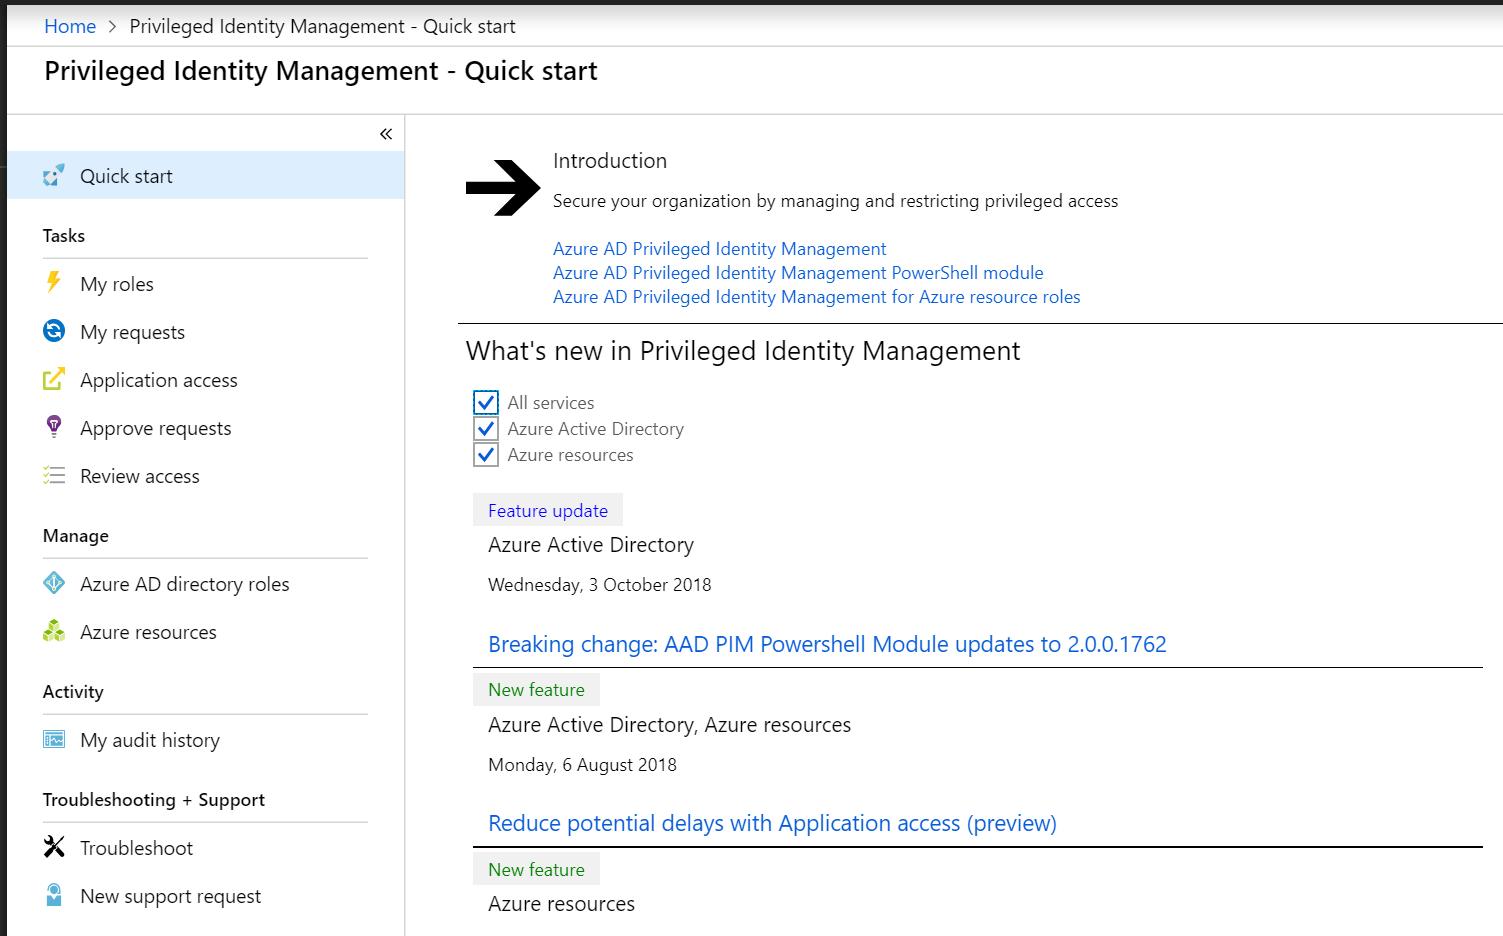 Privileged Identity Management - Quick start